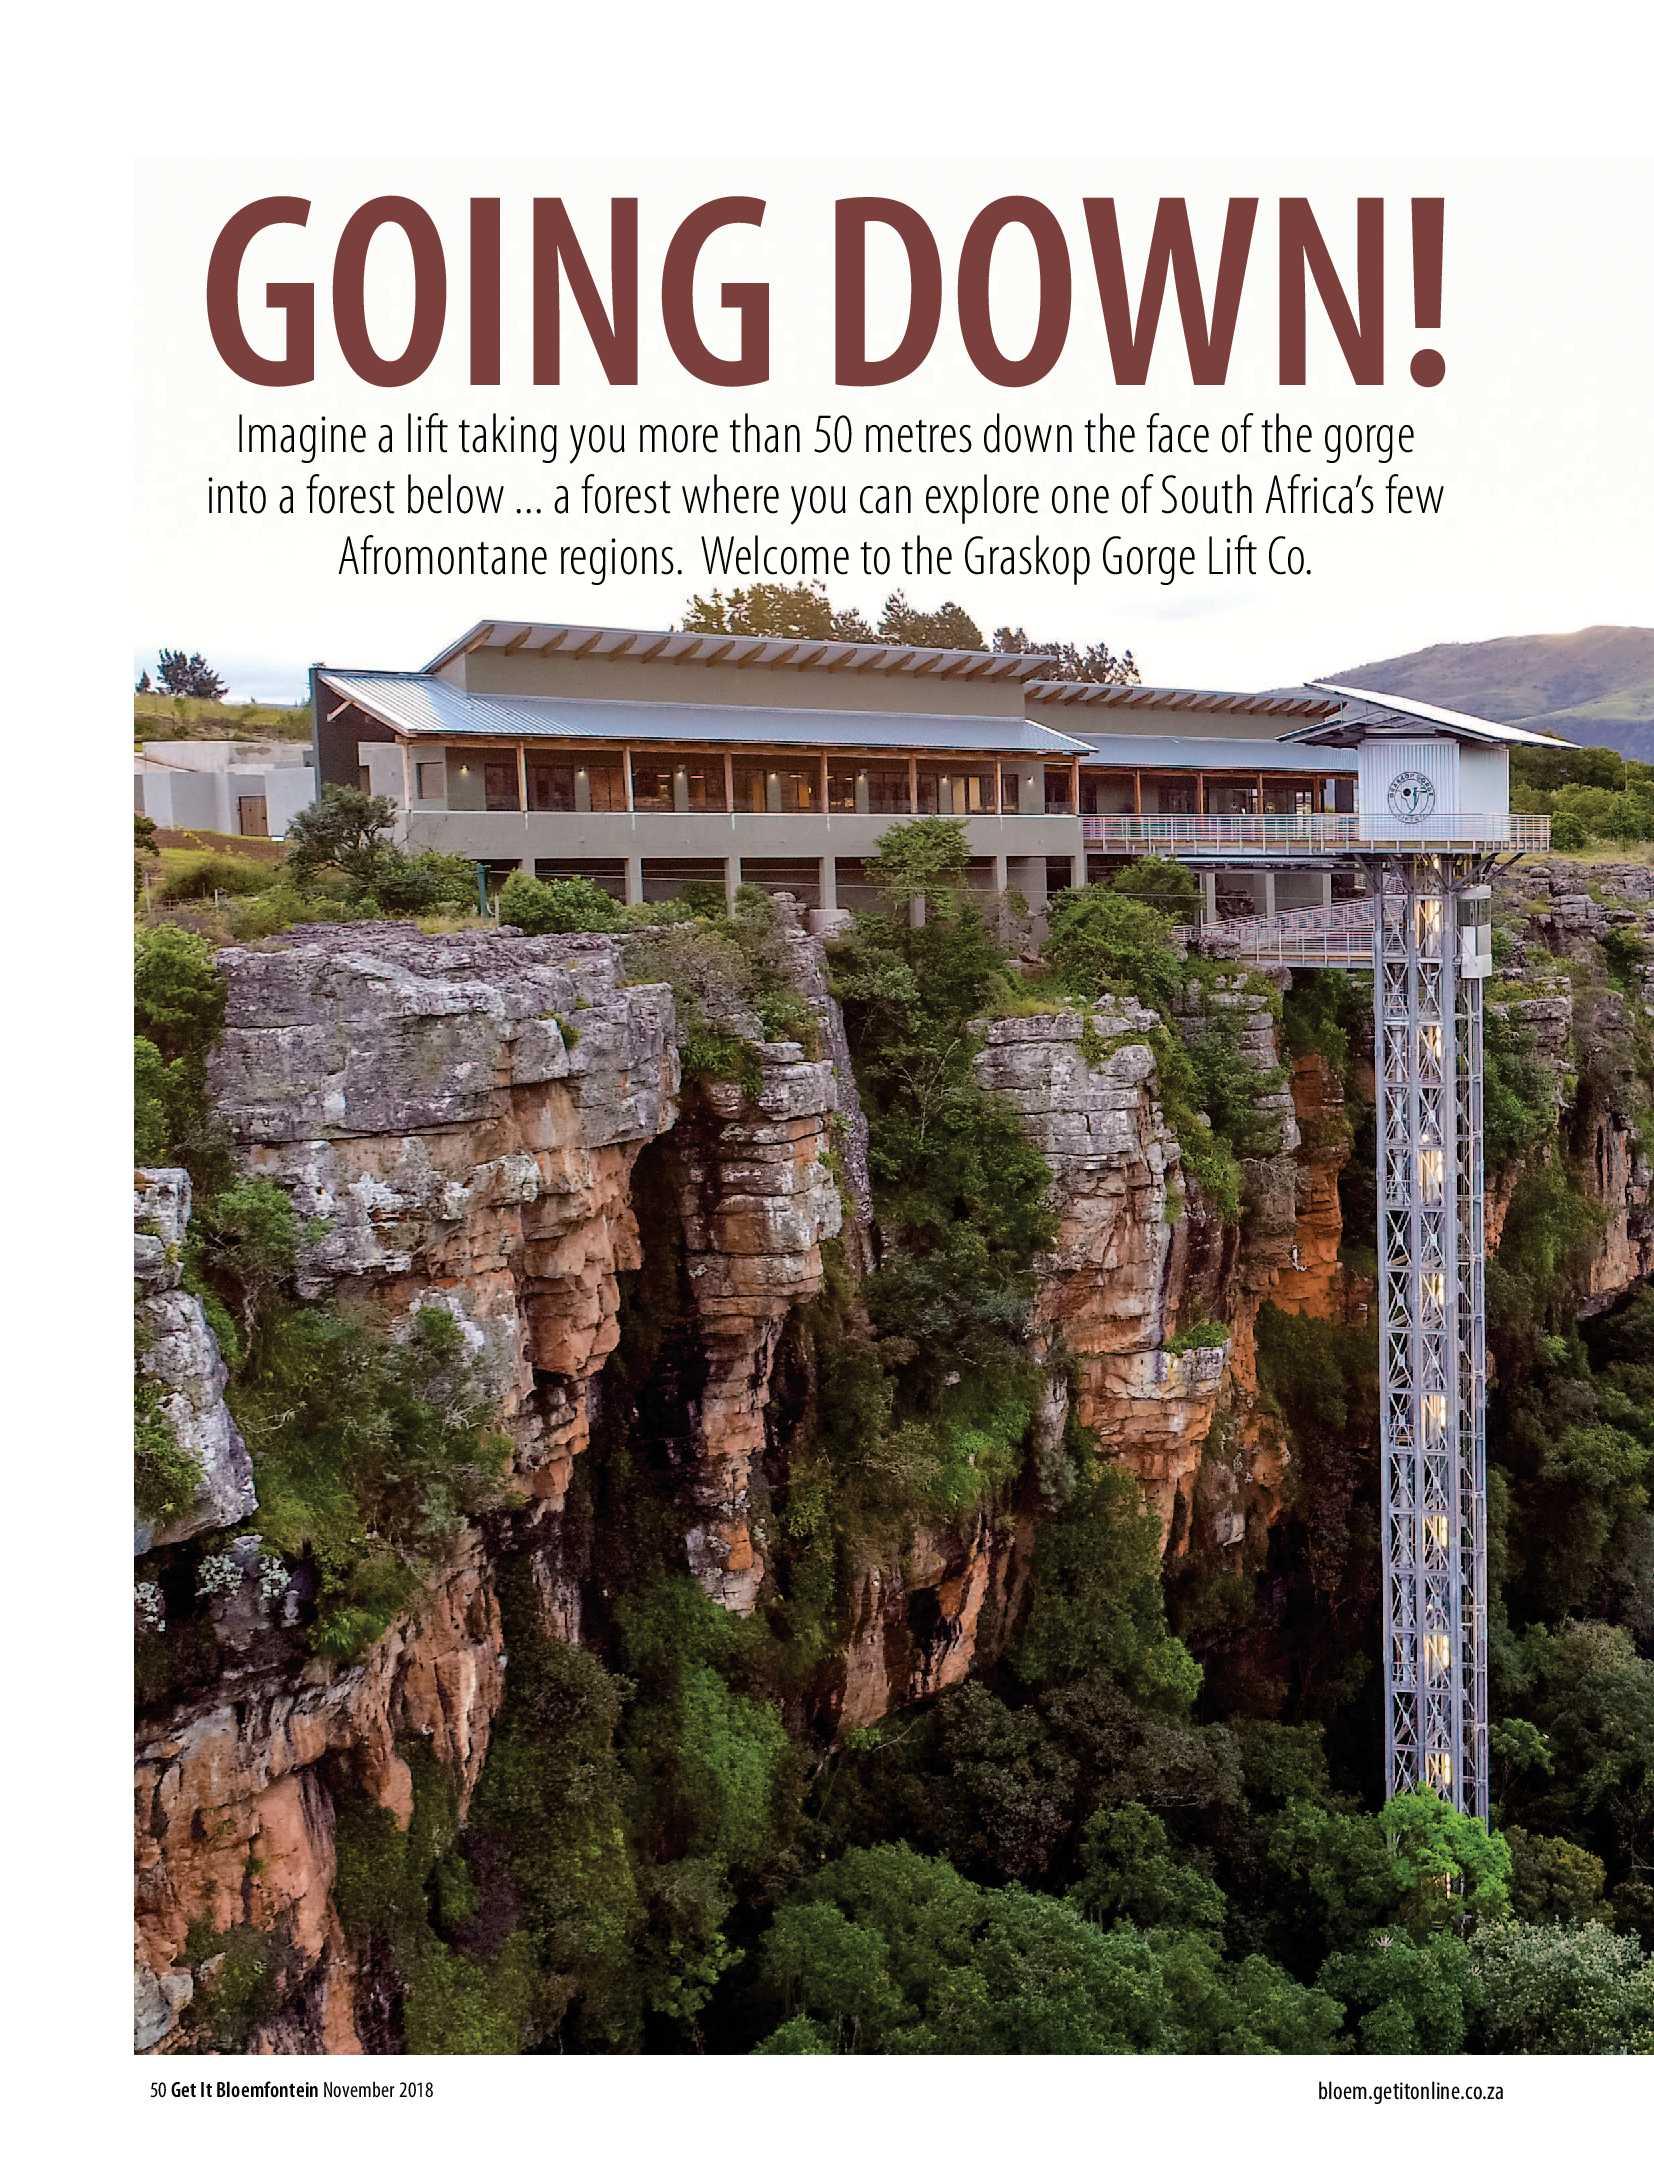 get-bloemfontein-november-2018-epapers-page-52